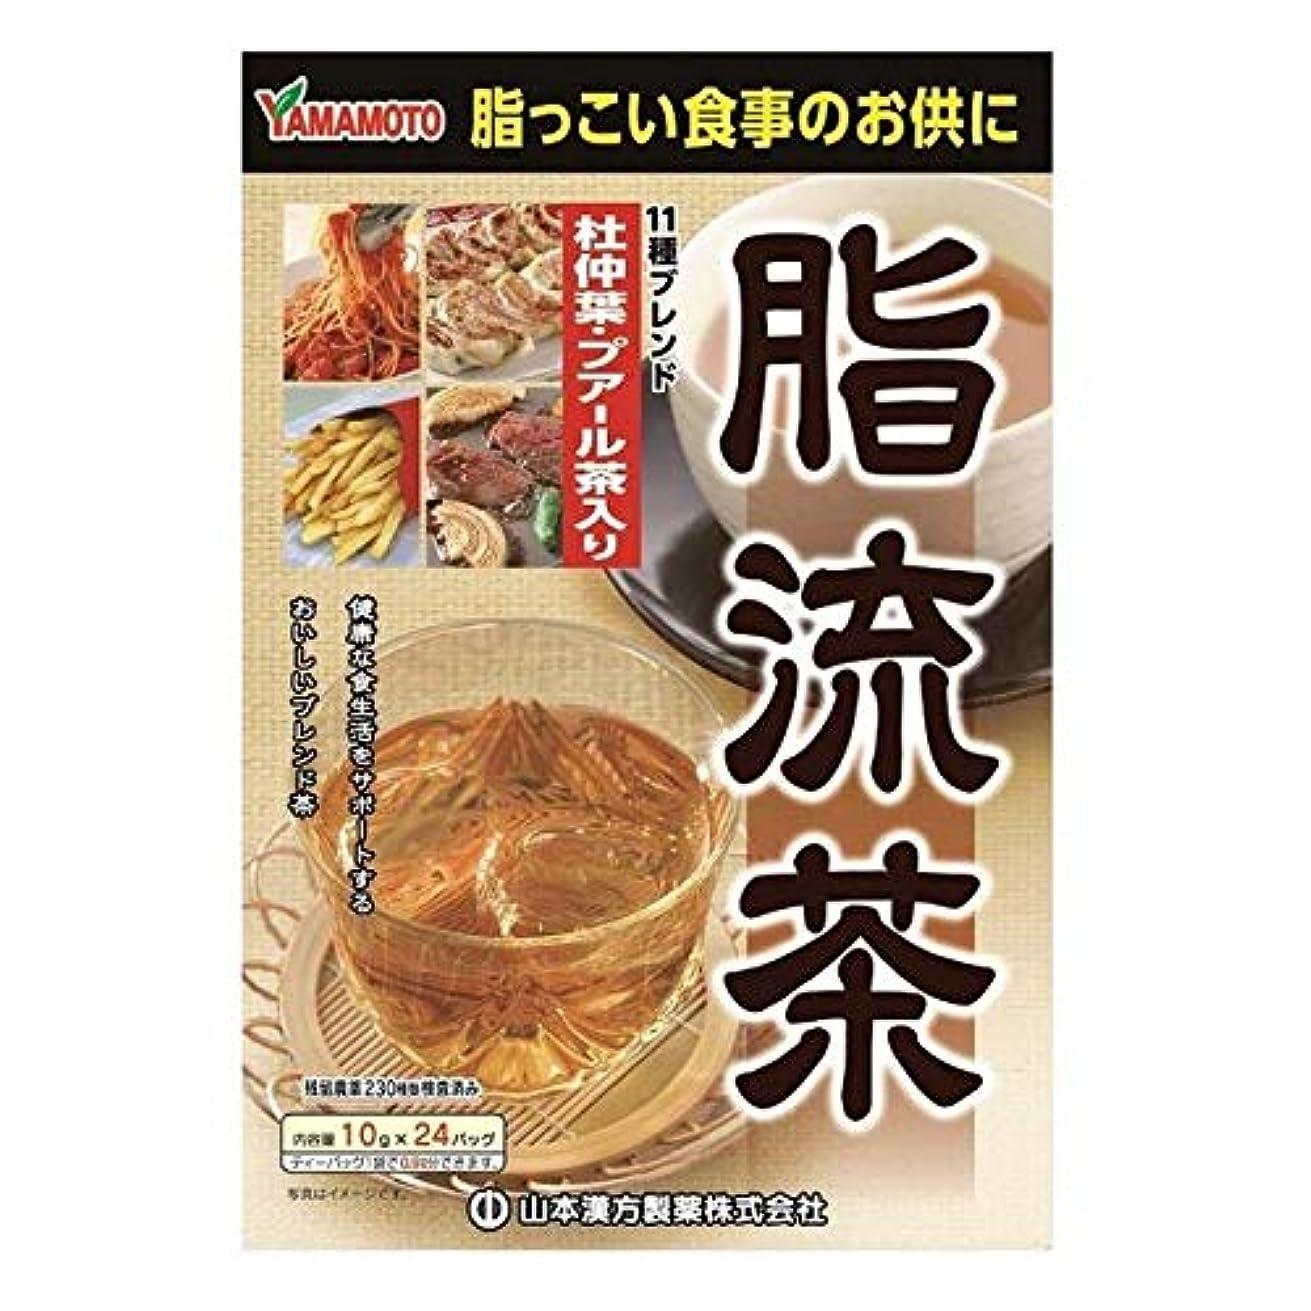 入植者圧縮されたブース【5個セット】山本漢方製薬 脂流茶 10gX24H ×5個セット